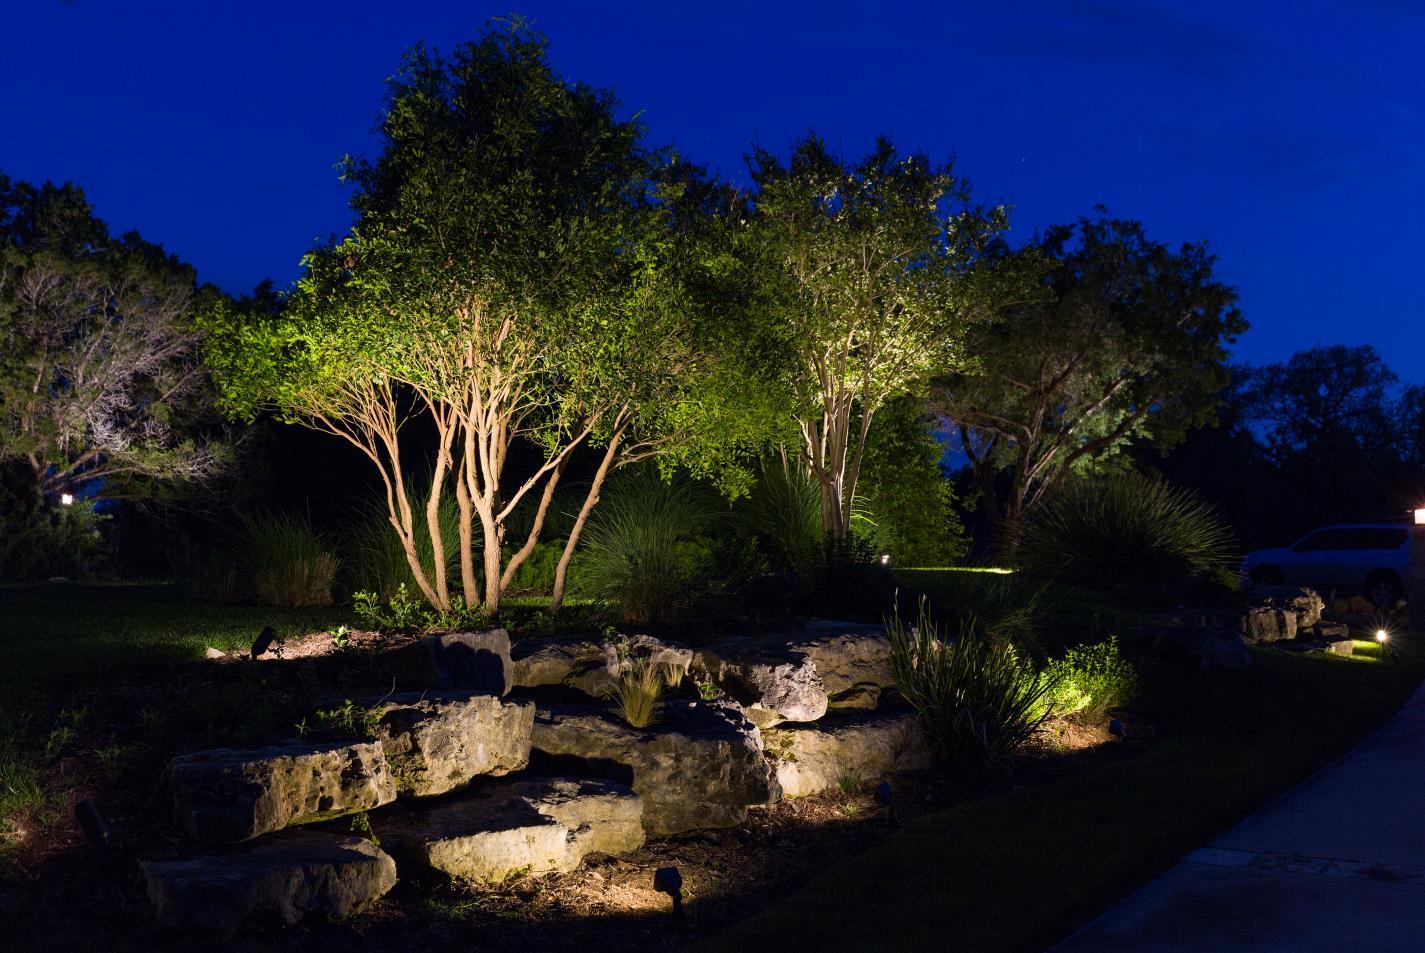 KICHLER LANDSCAPE LIGHTING